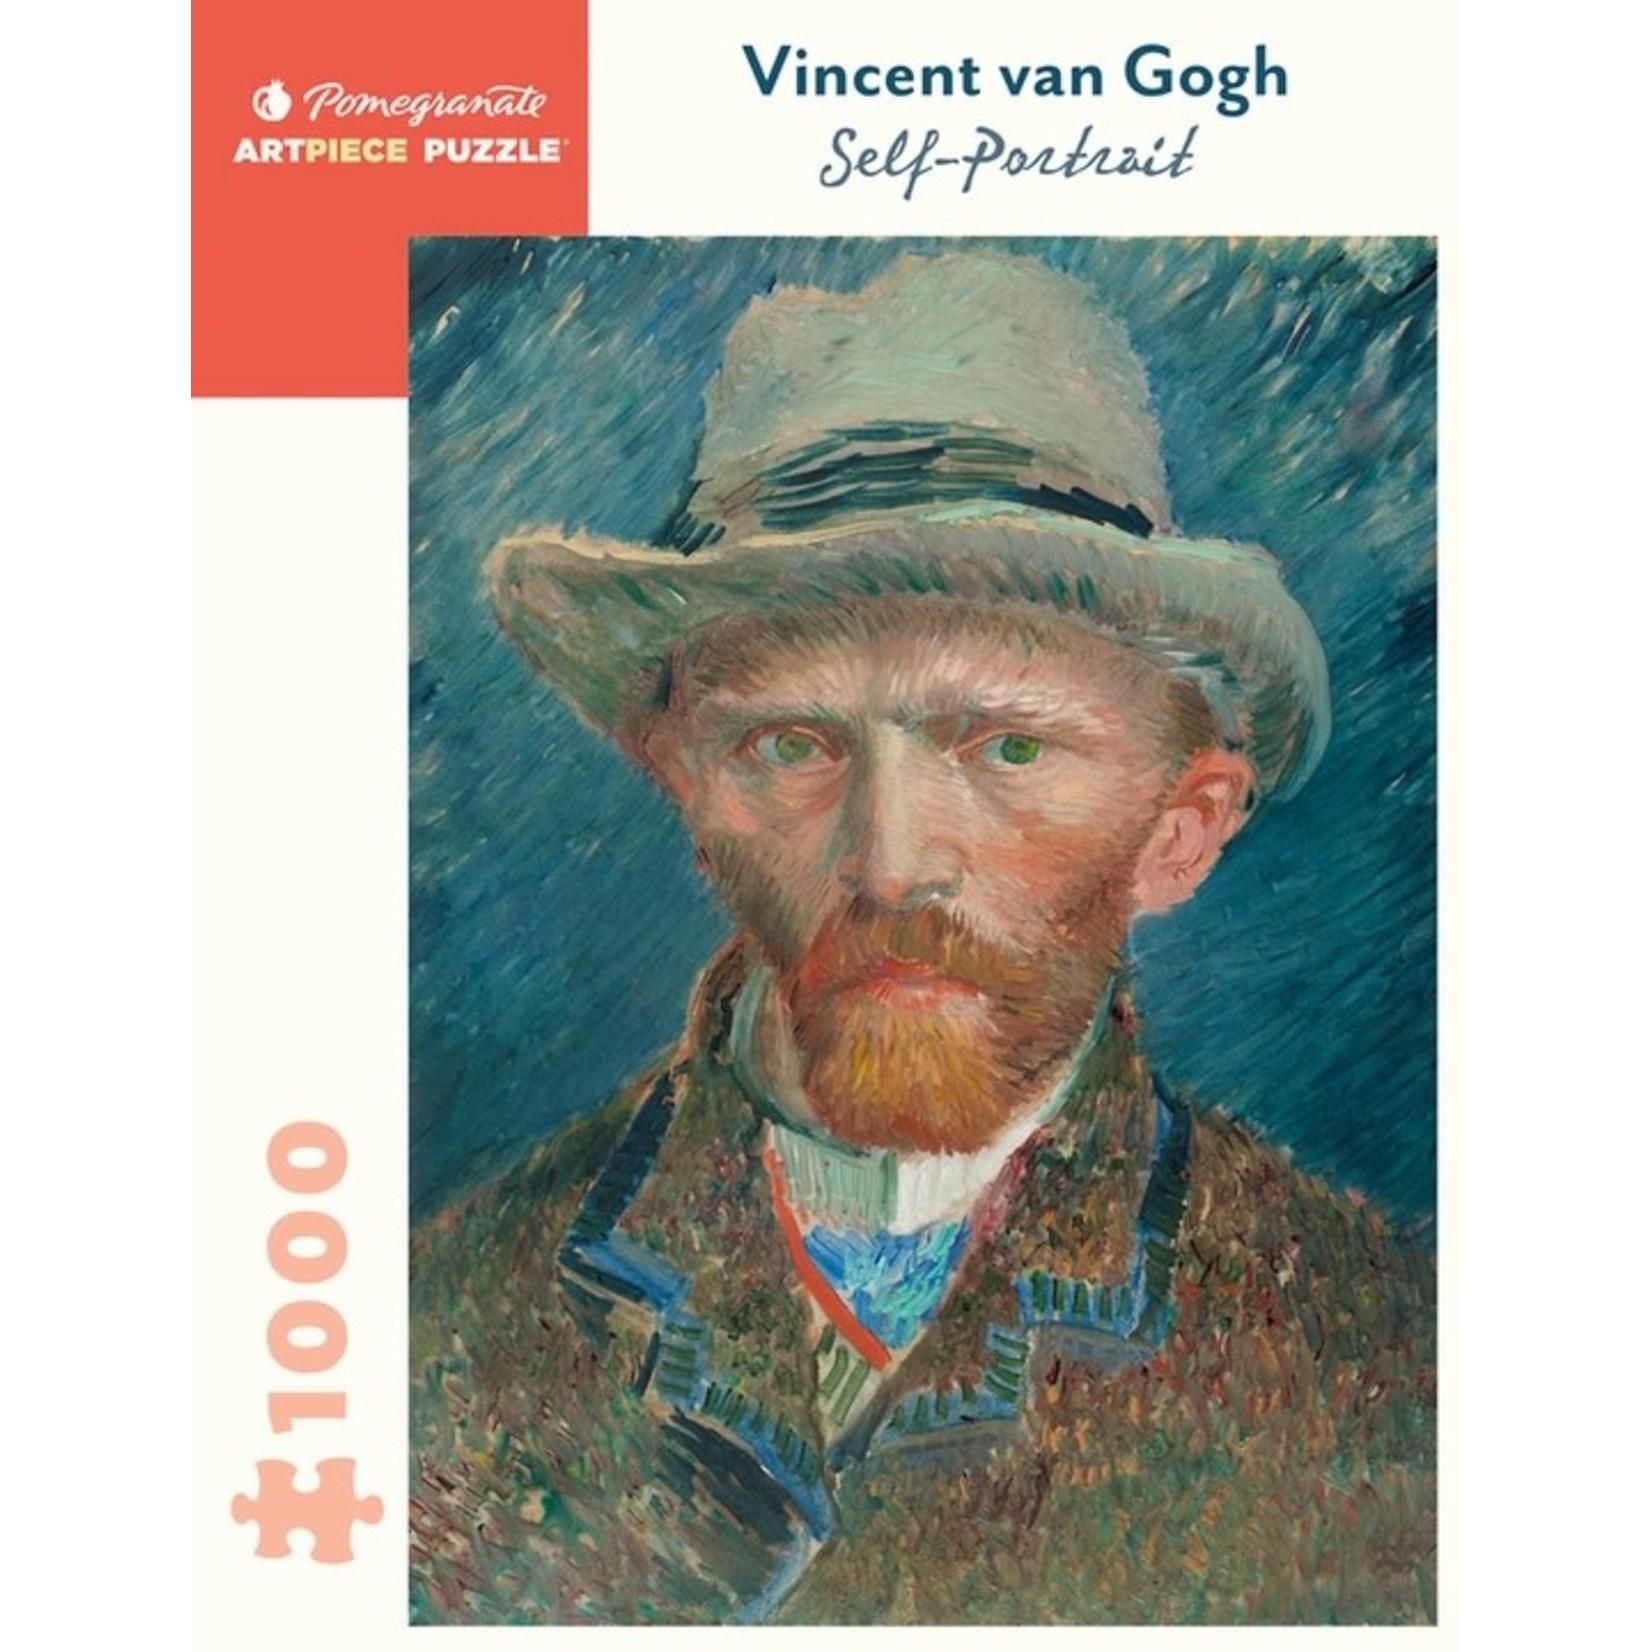 Pomegranate Puzzles Self-Portrait, Vincet van Gogh 1000pc